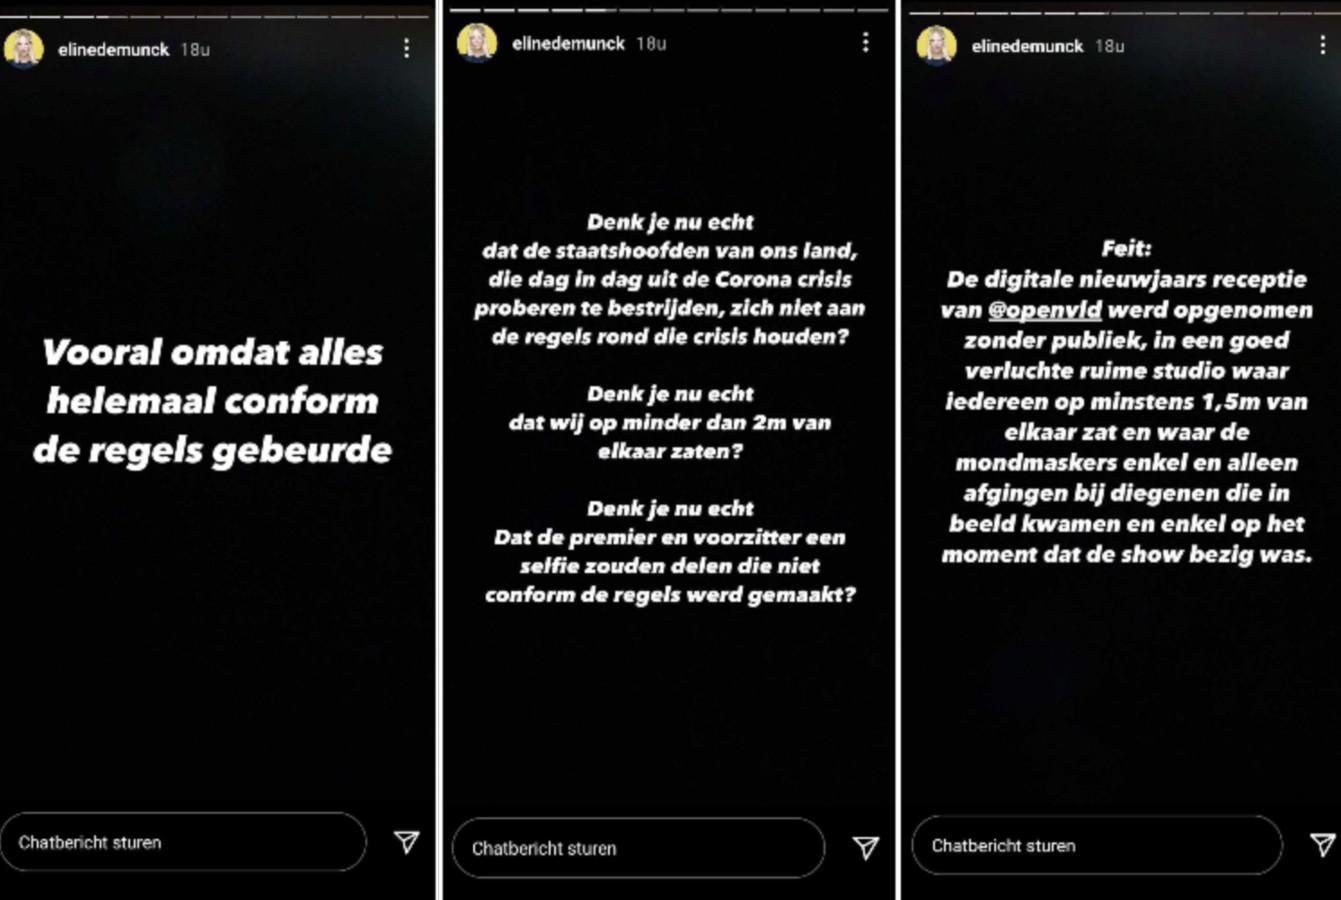 Eline De Munck vit mal les critiques dont elle fait l'objet